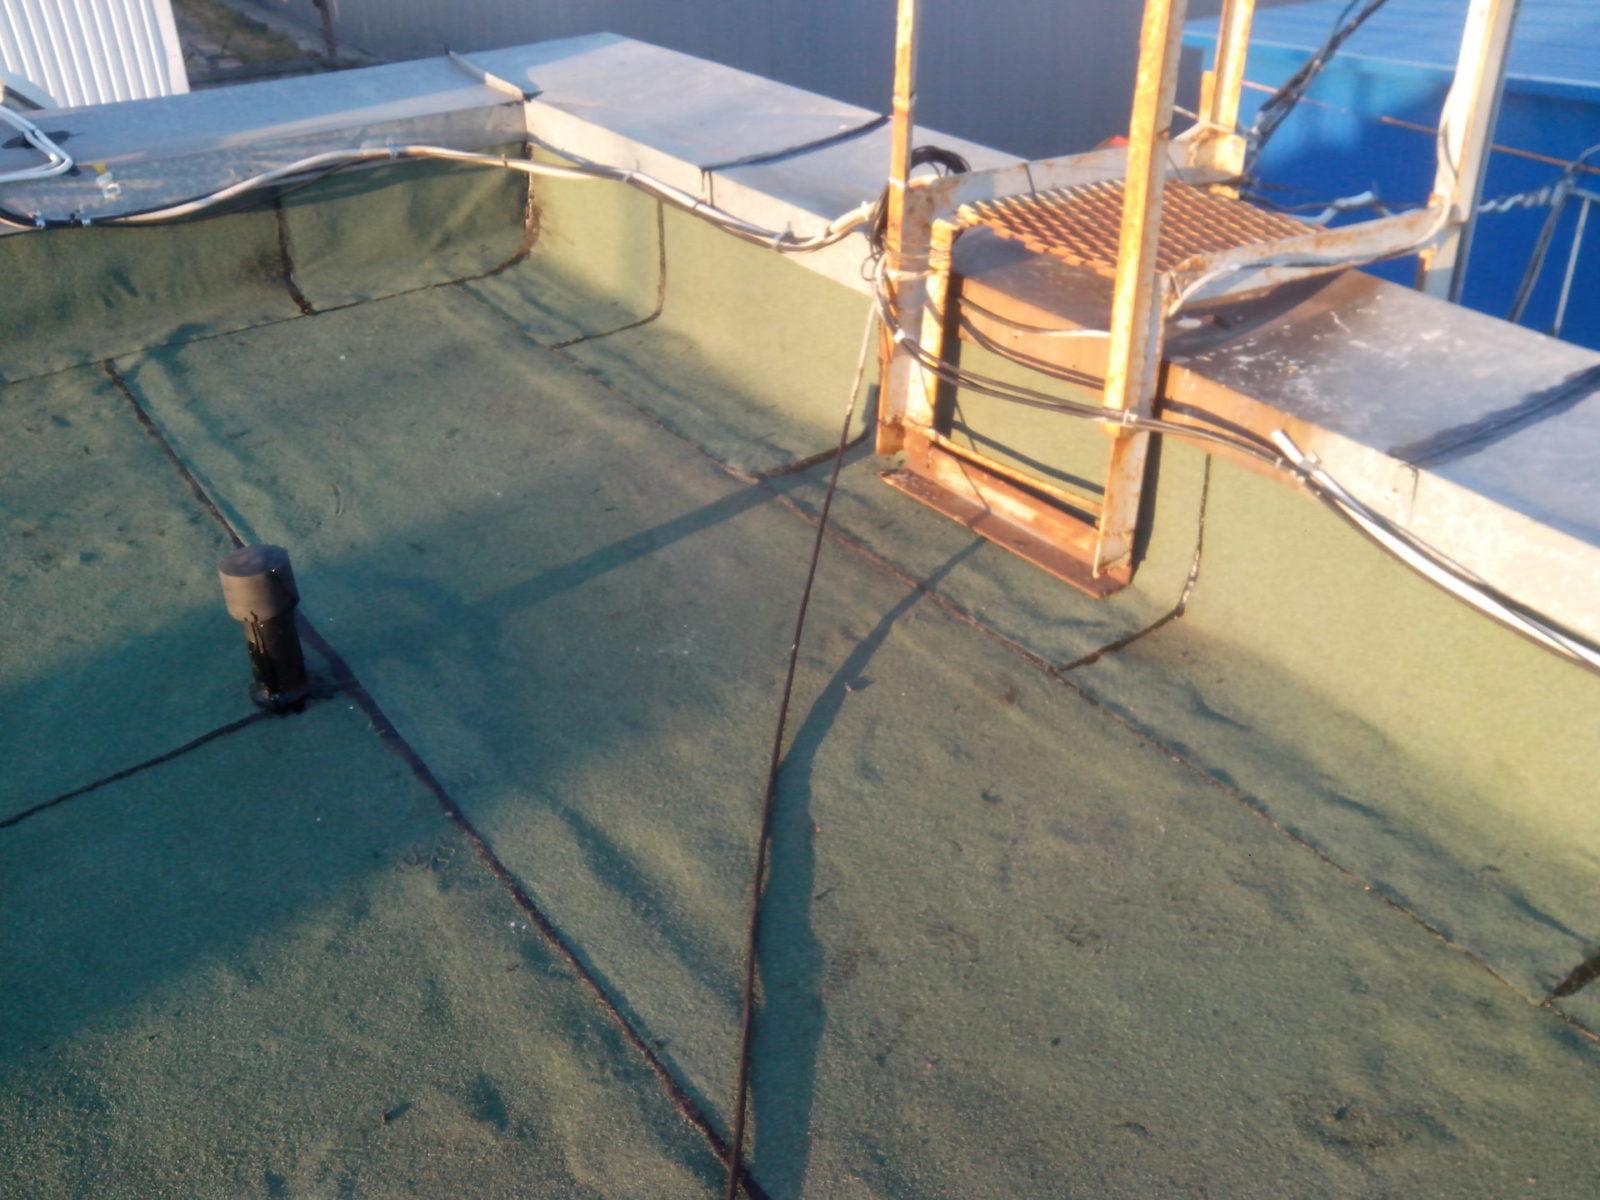 ремонт наплавляемой кровли офисного здания паромно-перегрузочного комплекса